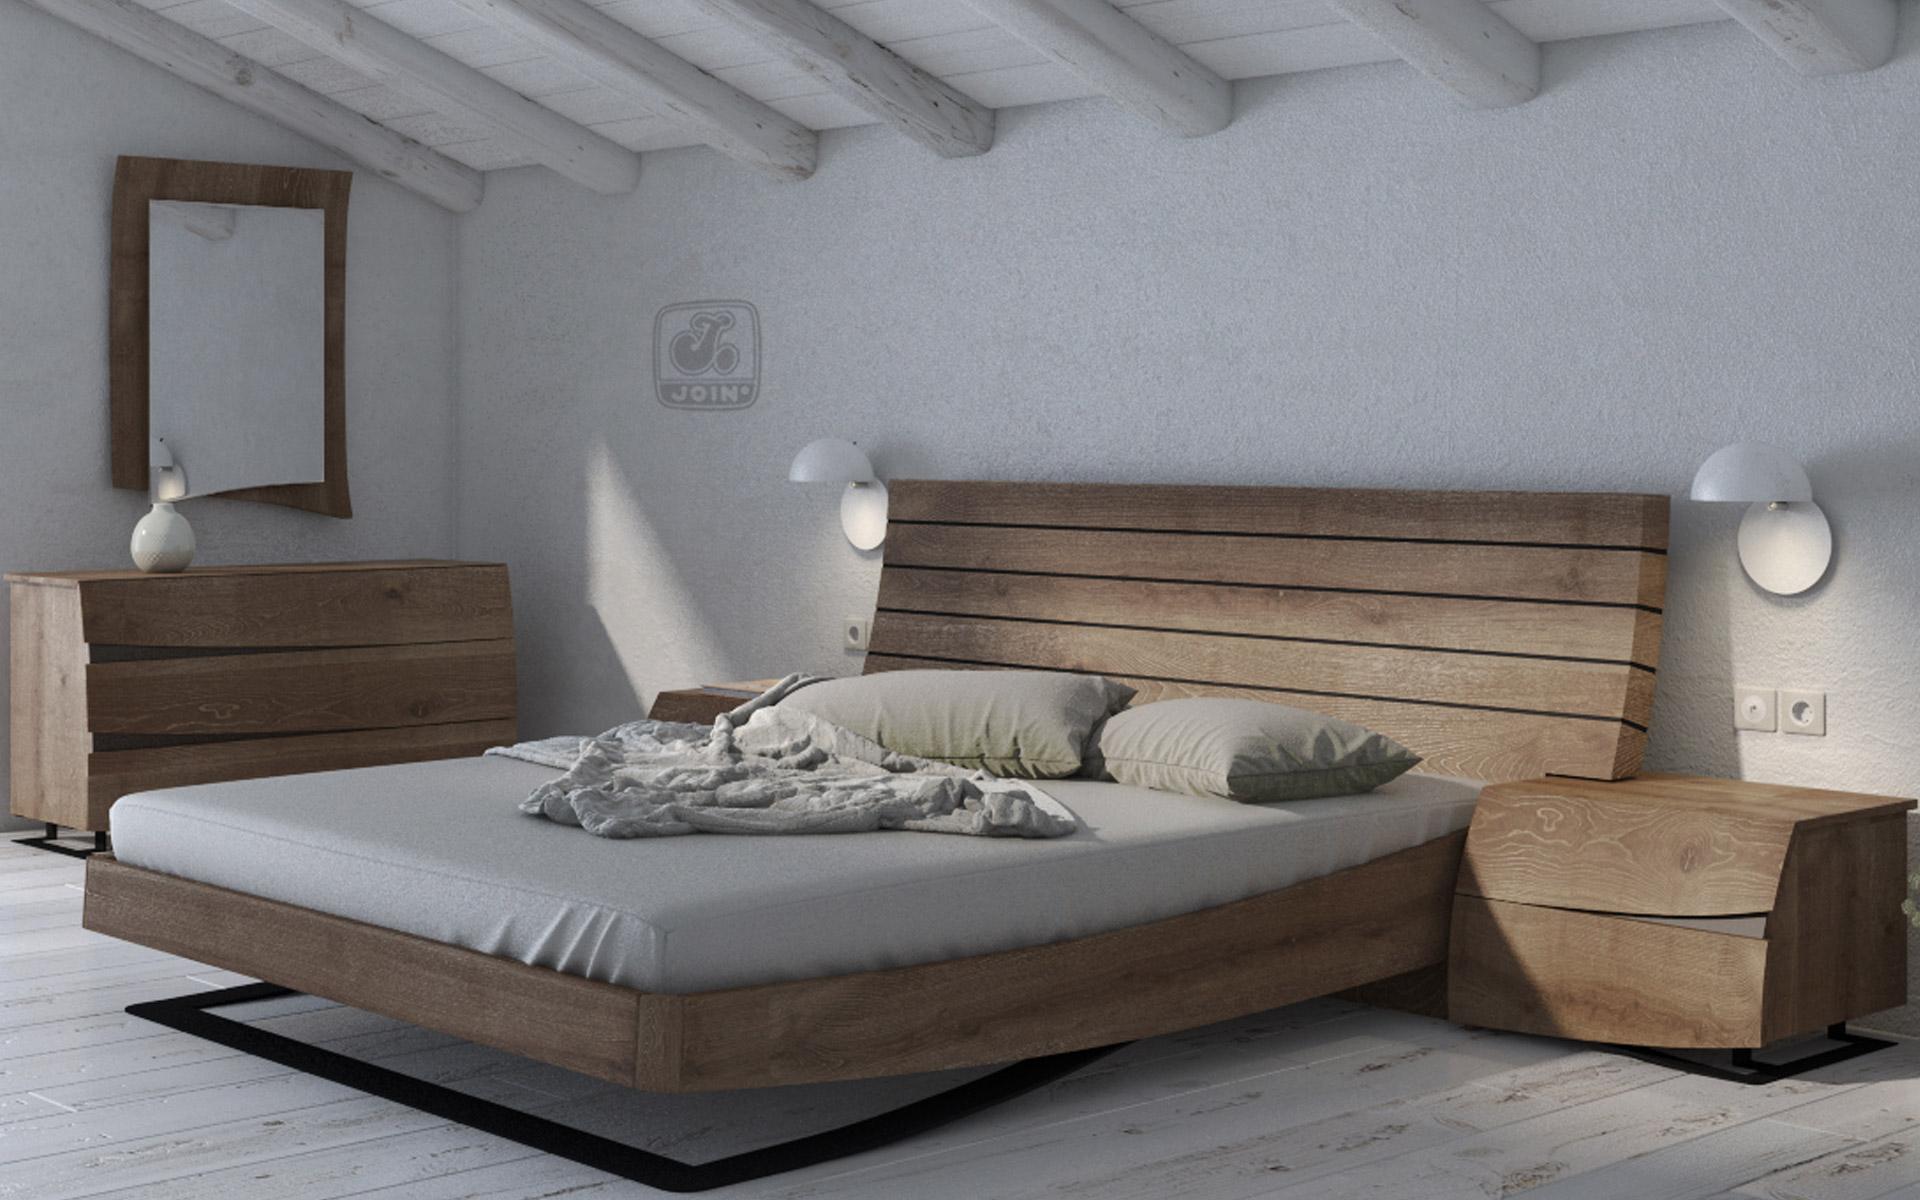 2b08f7ec435 Ξύλινα Κρεβάτια : ΚΡΕΒΑΤΙ ΑΛΚΗΣΤΗ ROUSTIC ΓΙΑ ΣΤΡΩΜΑ ΠΛΑΤΟΥΣ 160CM